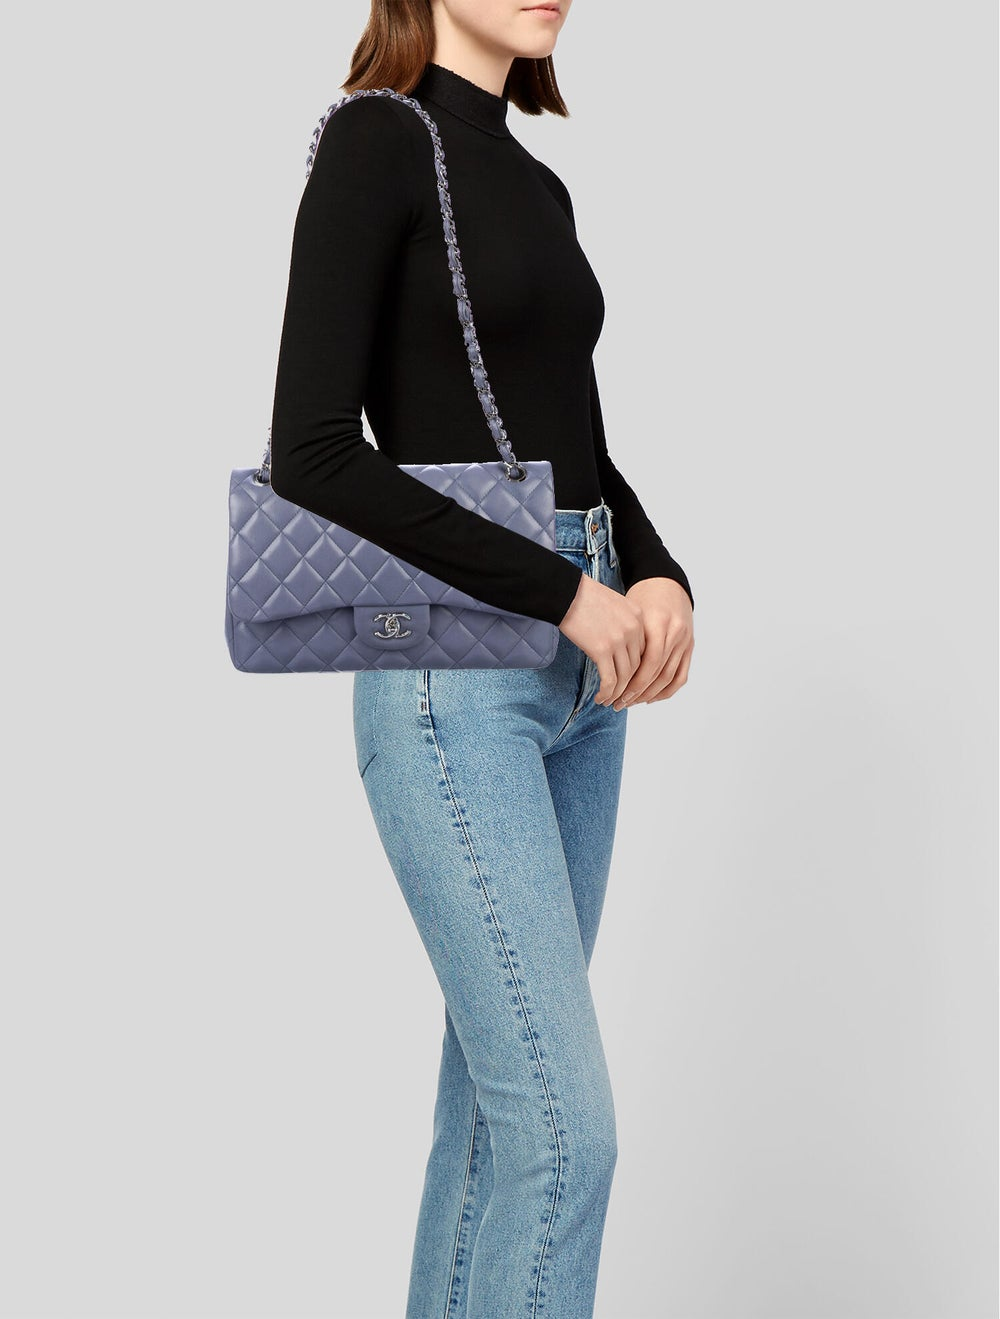 Chanel Classic Jumbo Double Flap Bag Purple - image 2